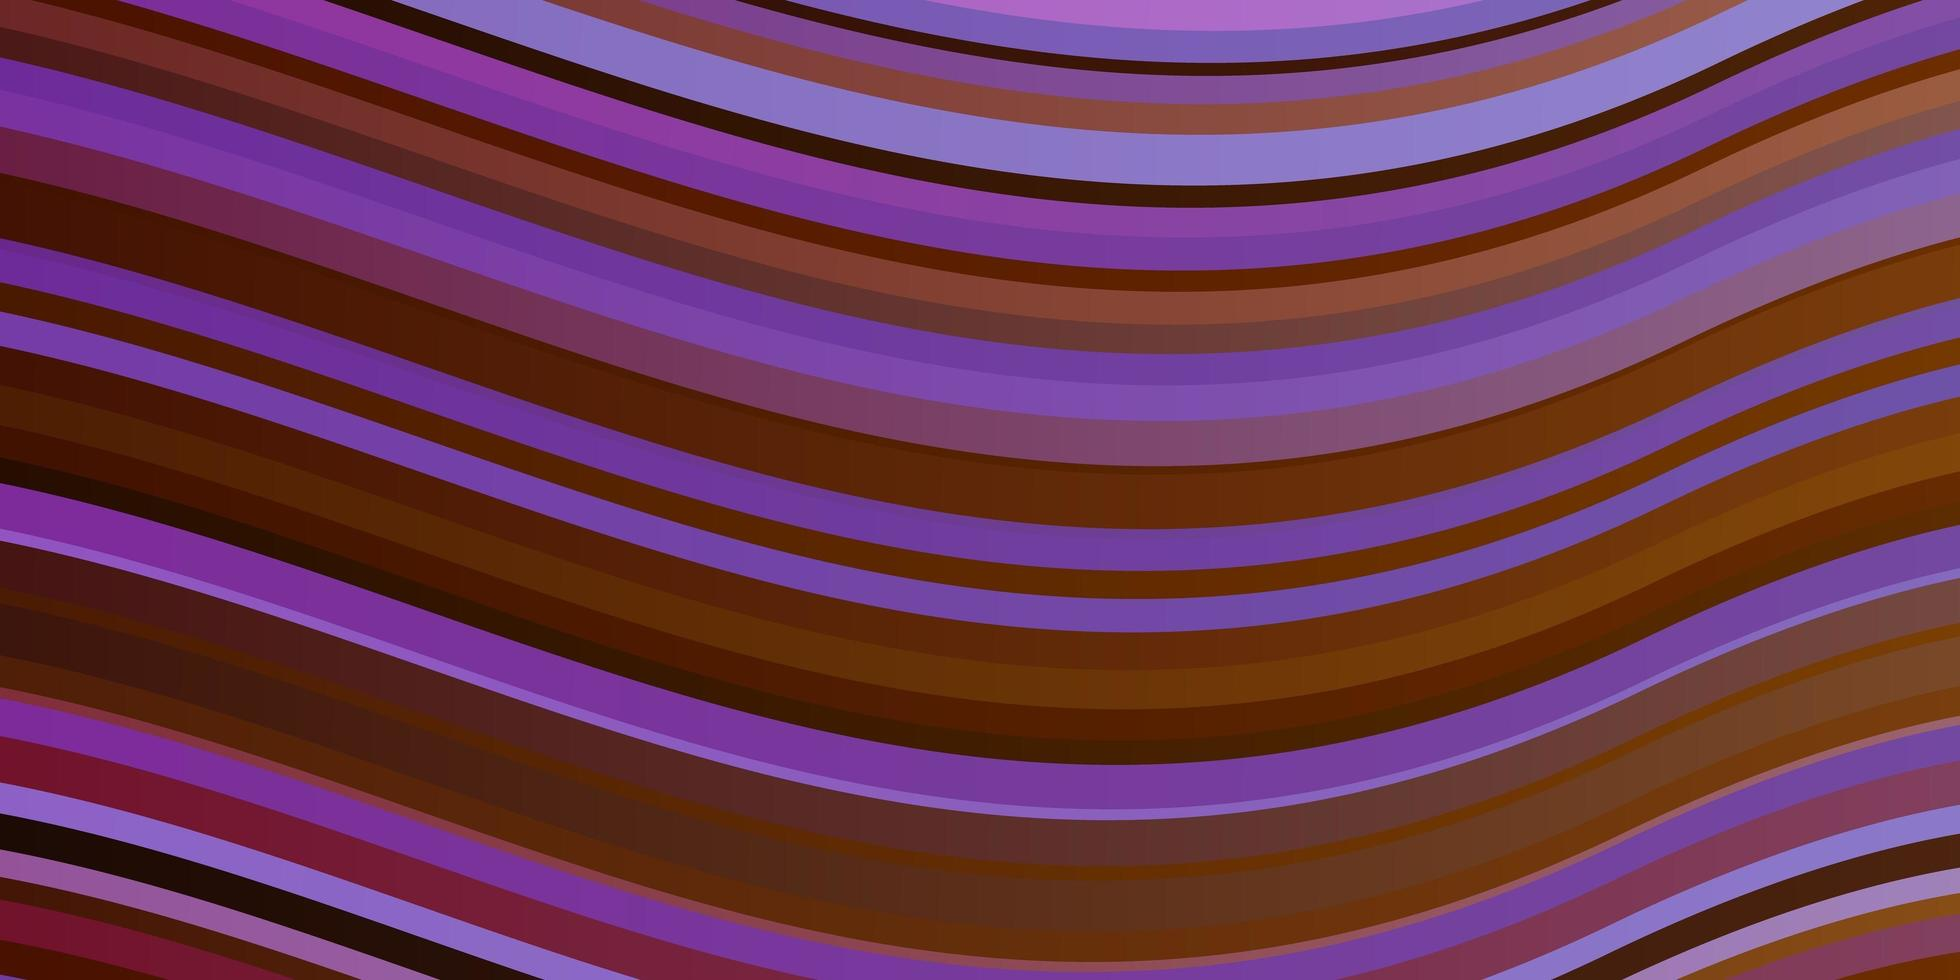 ljus flerfärgad vektorlayout med sneda linjer. vektor